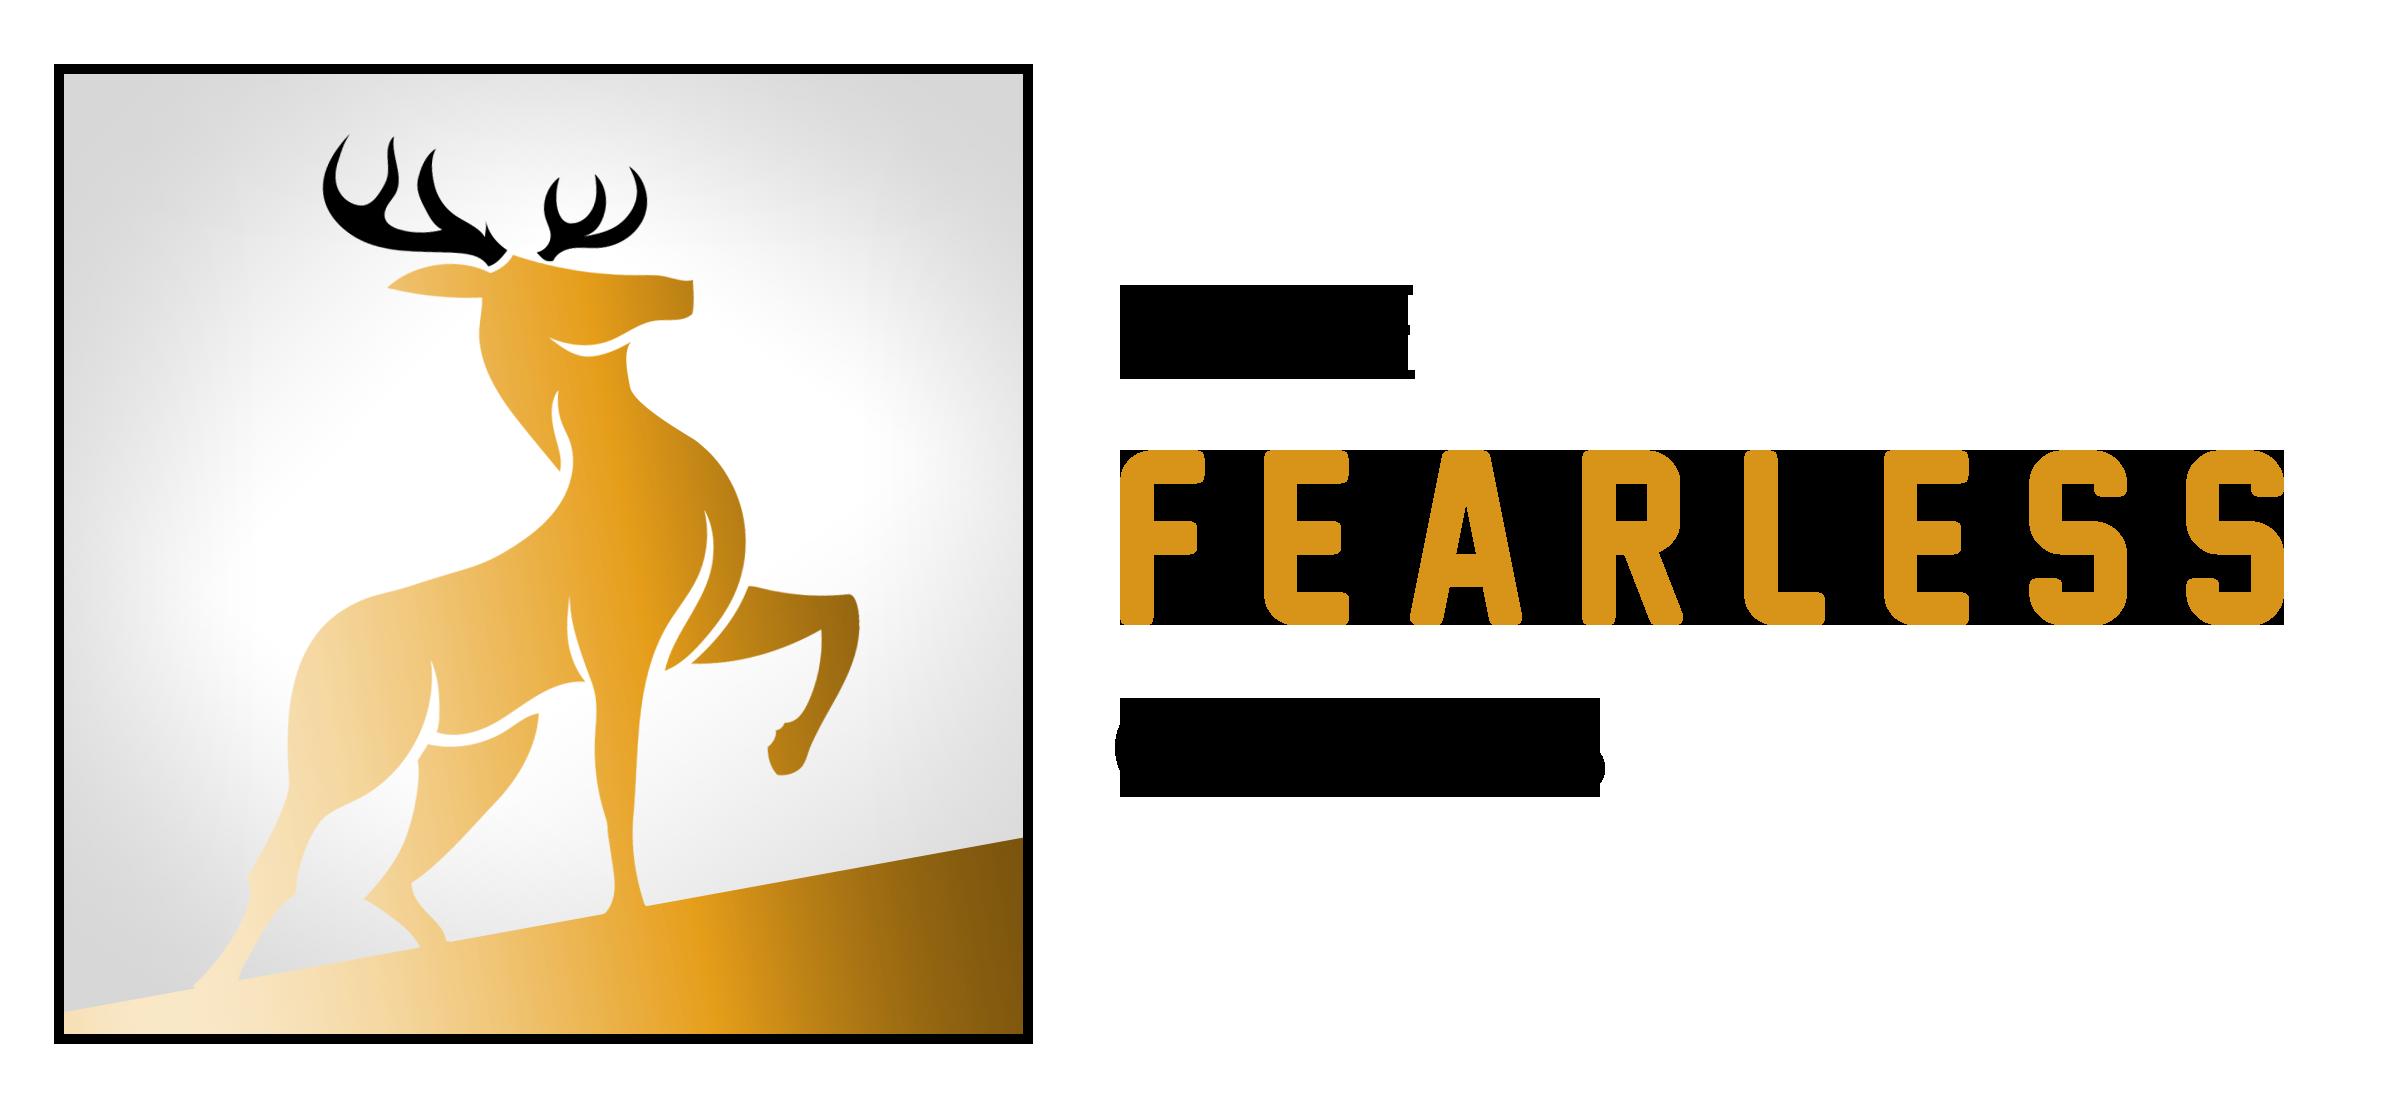 4mupd0virn6nuz4dkbid fearlessclimb logo horizontal final